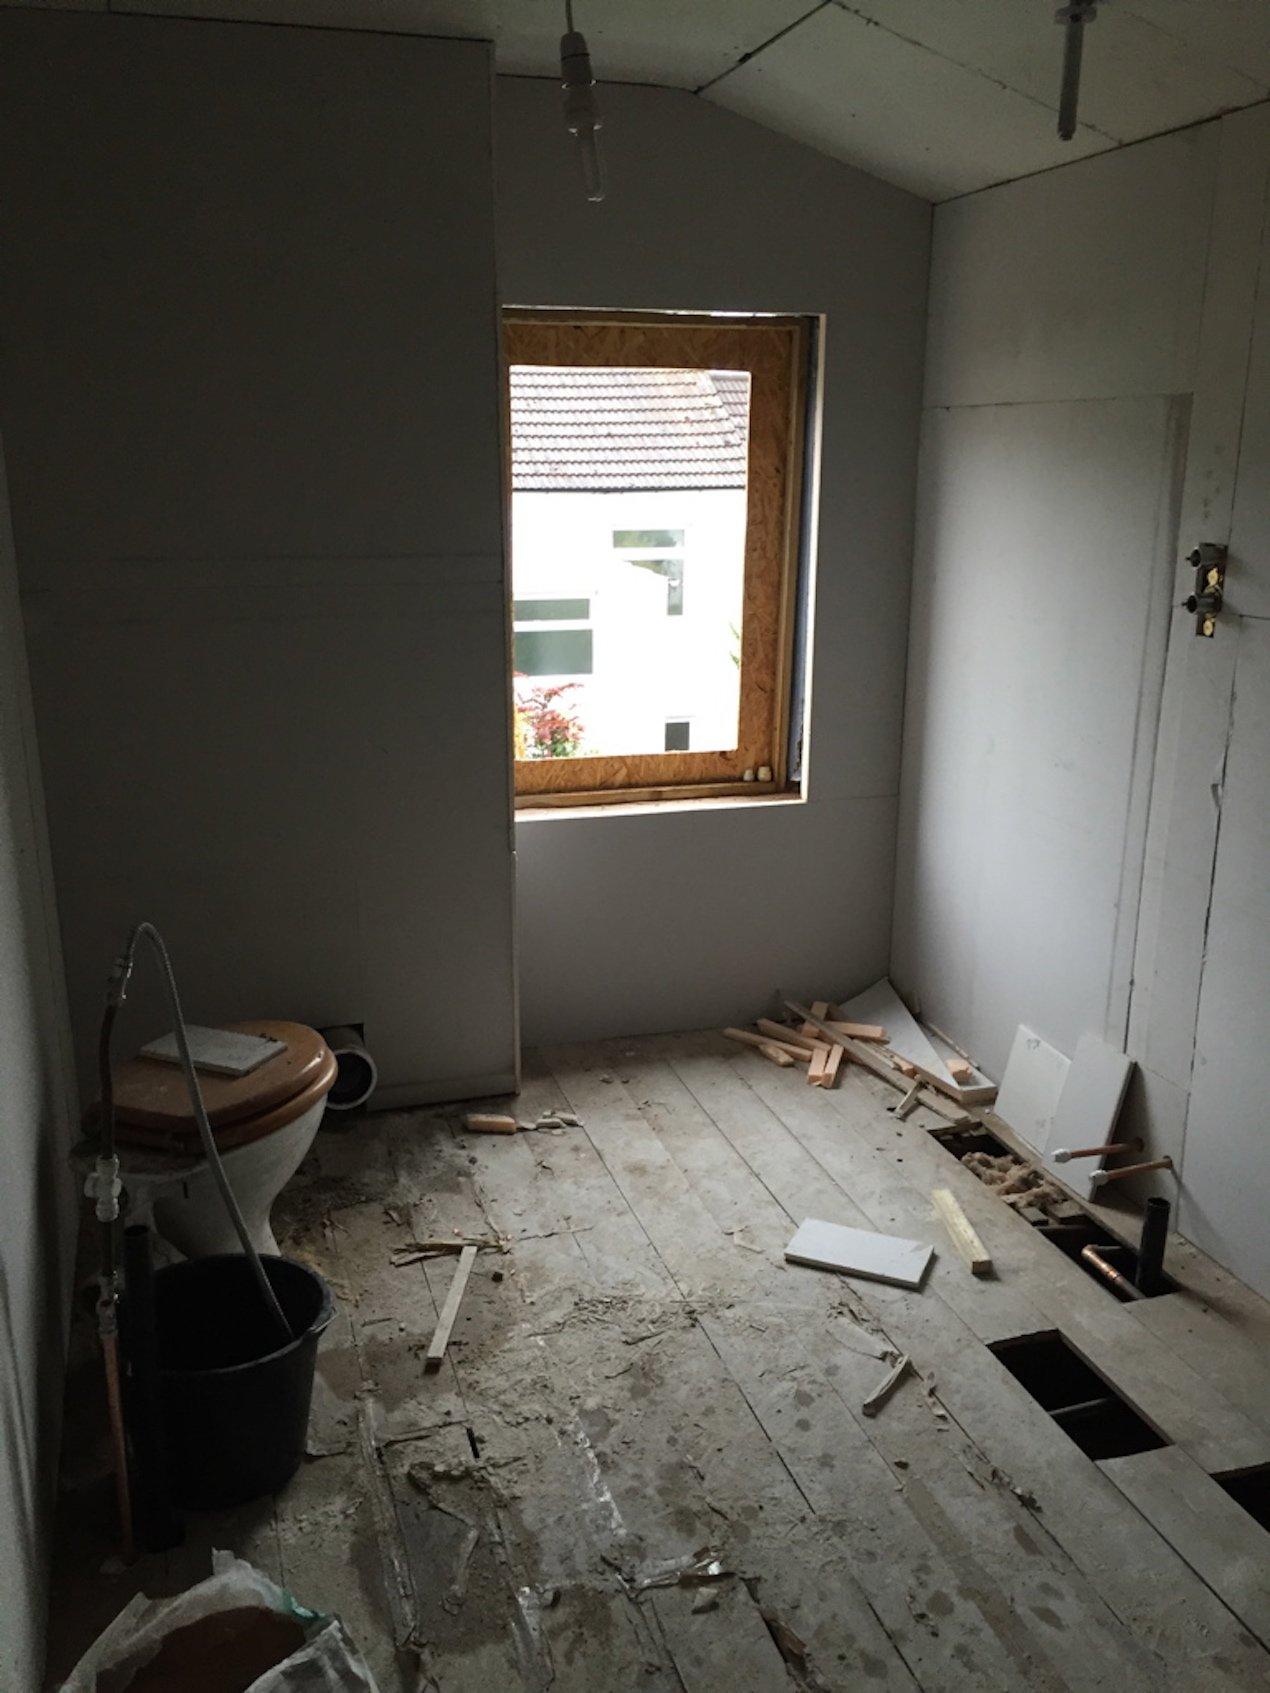 Bathroom DIY Tips